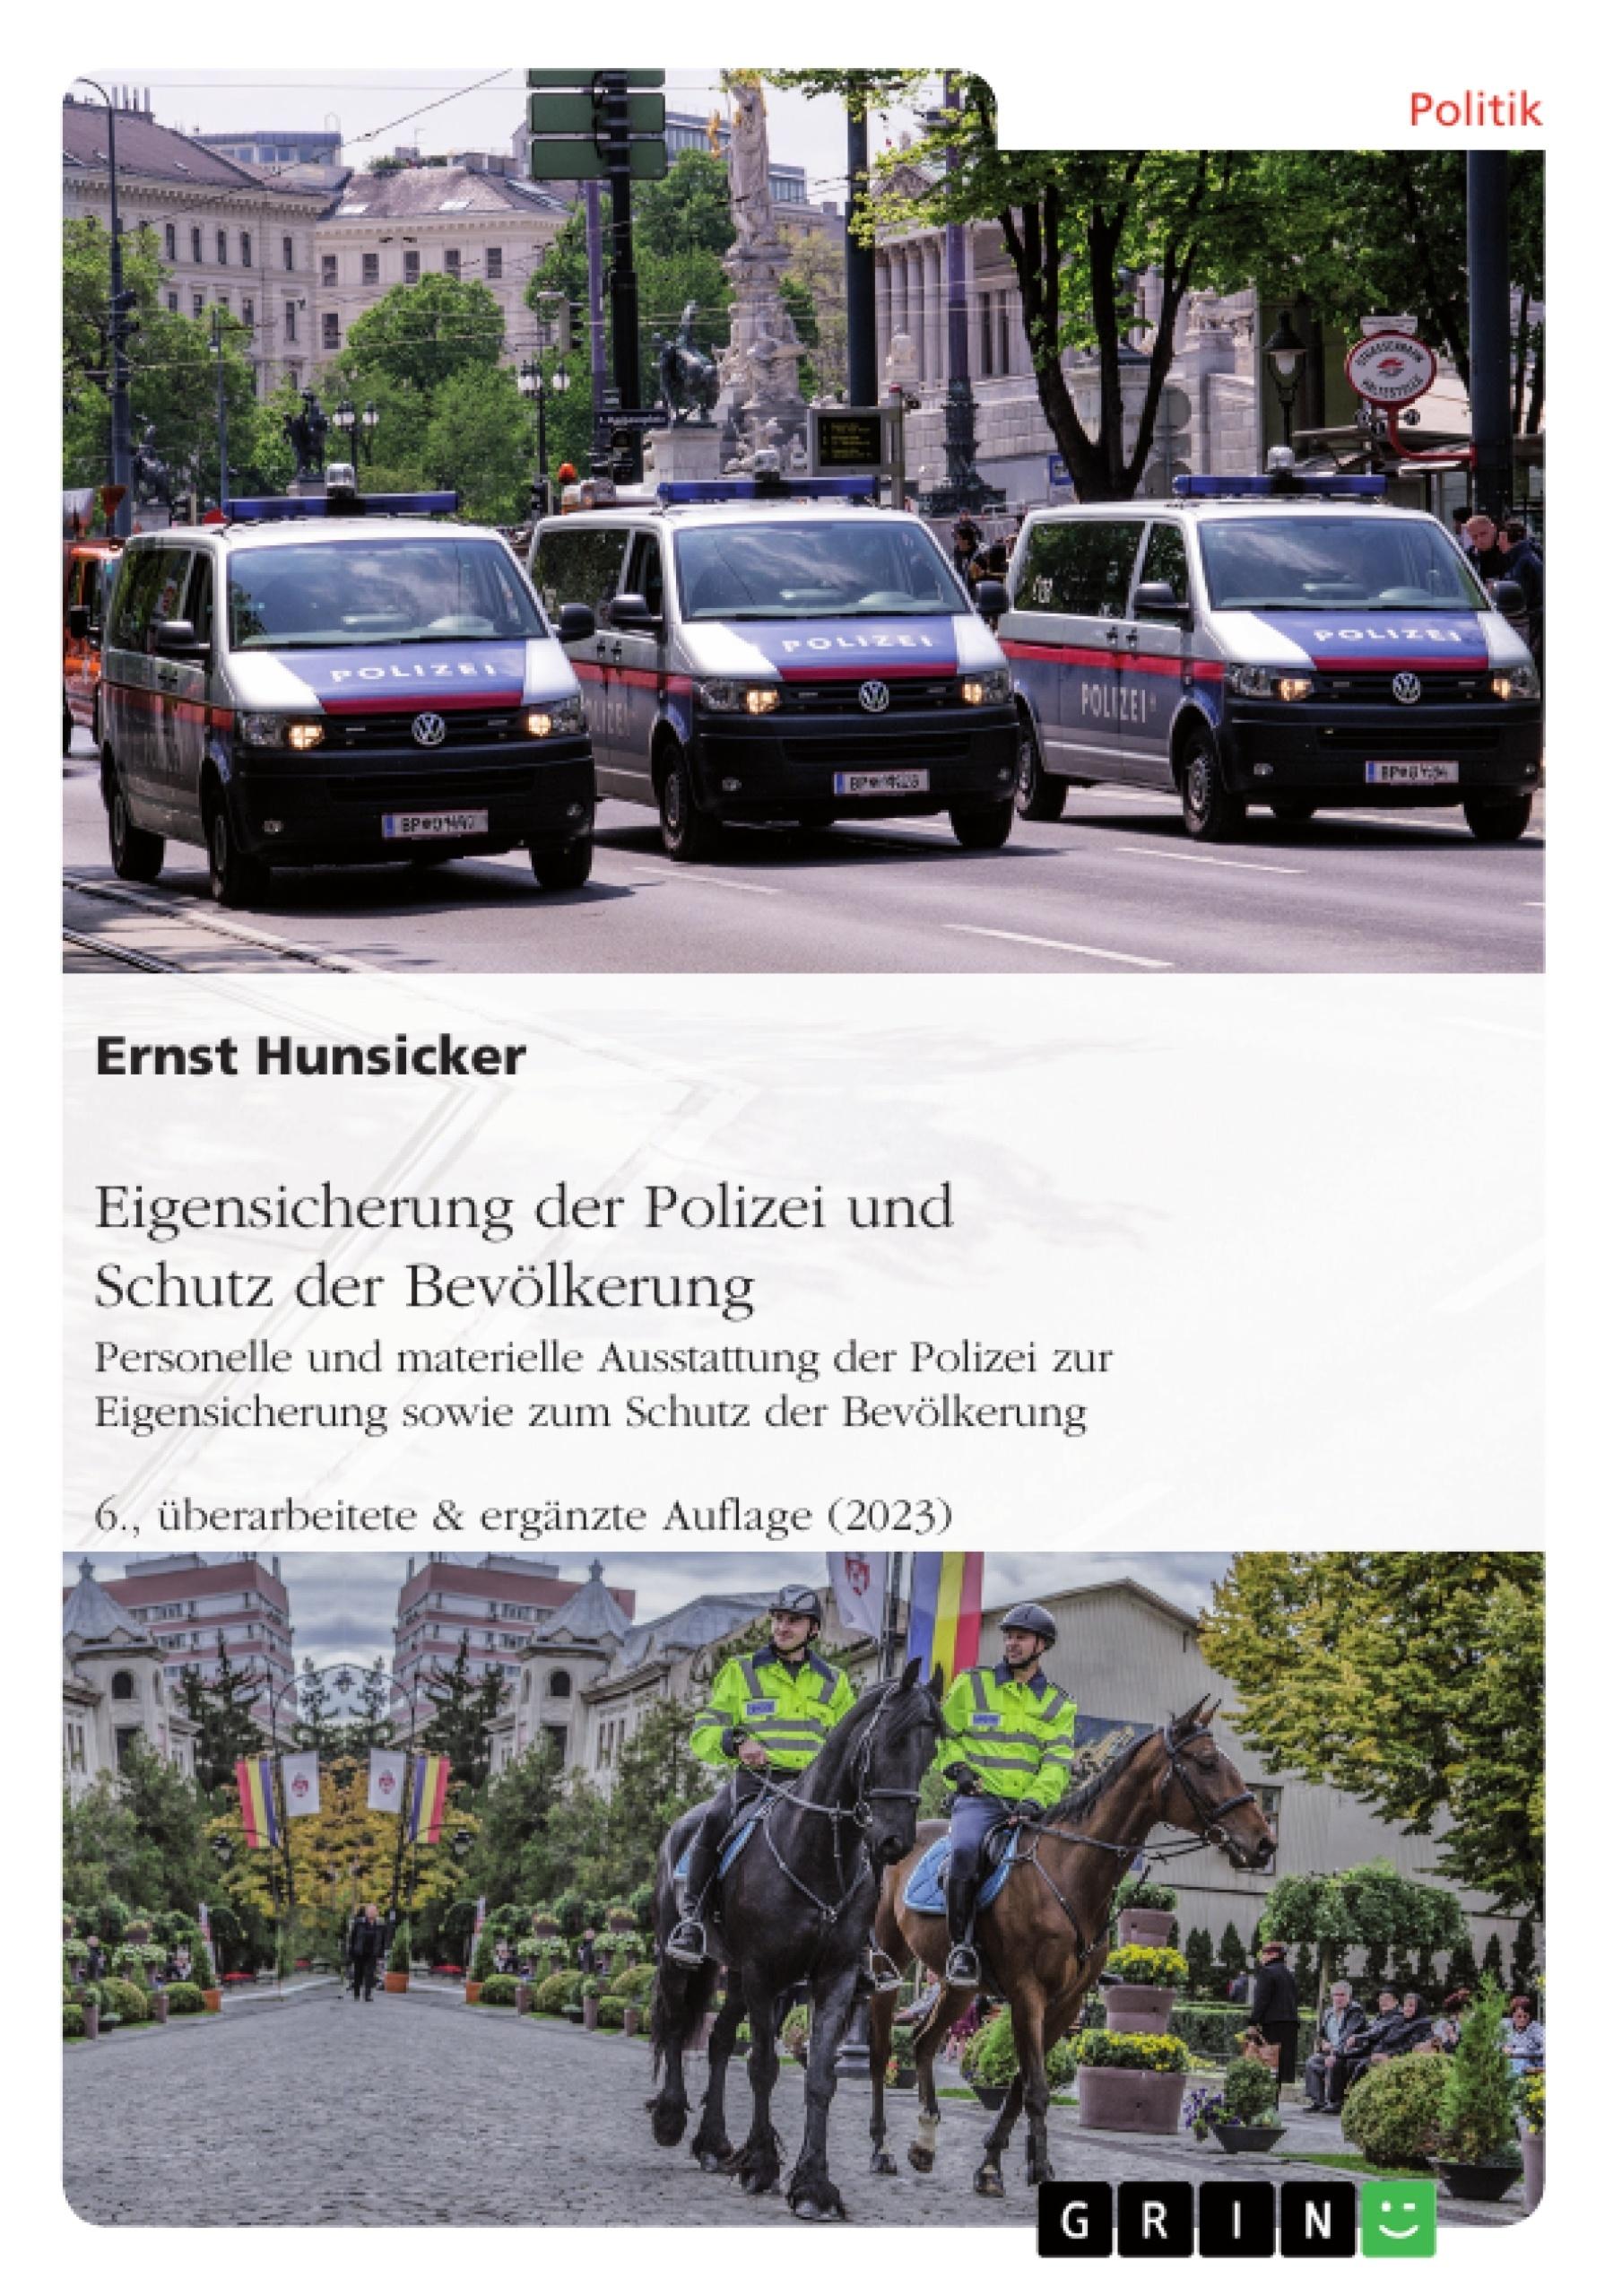 Titel: Wie kann Deutschland seine Polizei vor Angriffen von Störern wirksam(er) schützen? Möglichkeiten, Grenzen und Forderungen